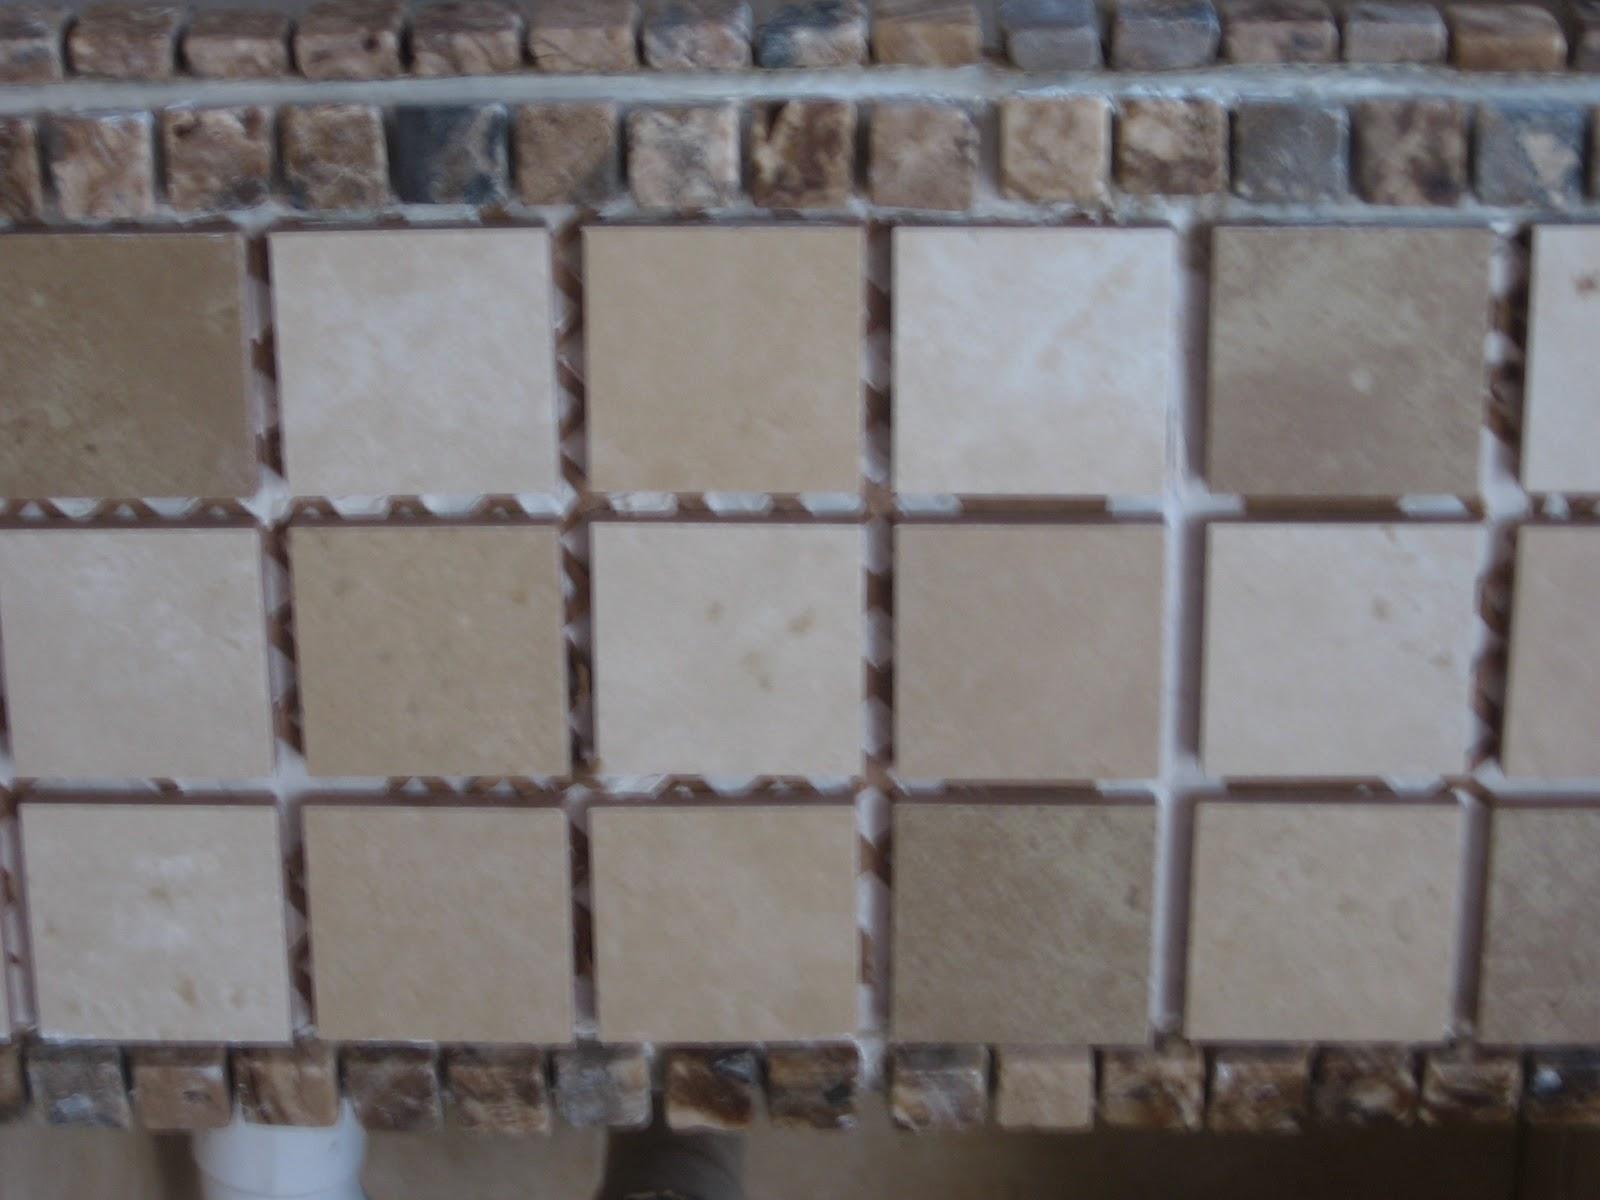 Bachas Para Baño Con Venecitas:Una vez adheridos los mosaicos y venecitas esperar que seque